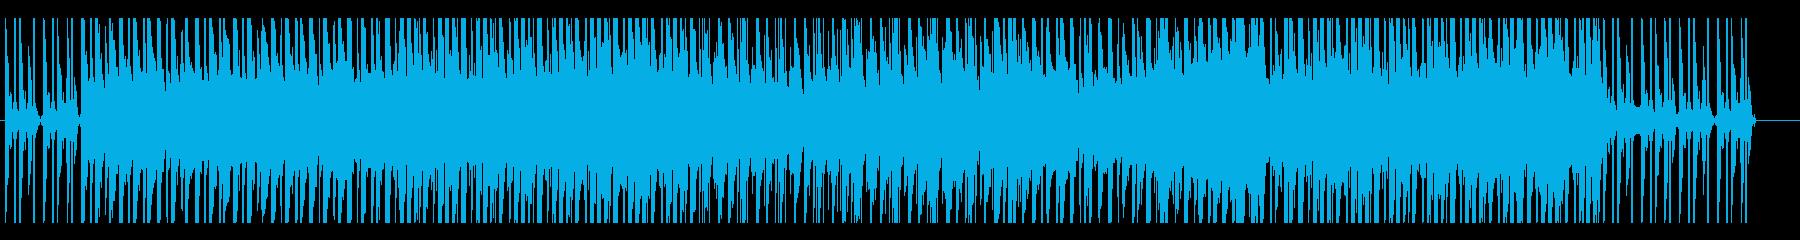 夕陽の似合う叙情的なスローEDMの再生済みの波形